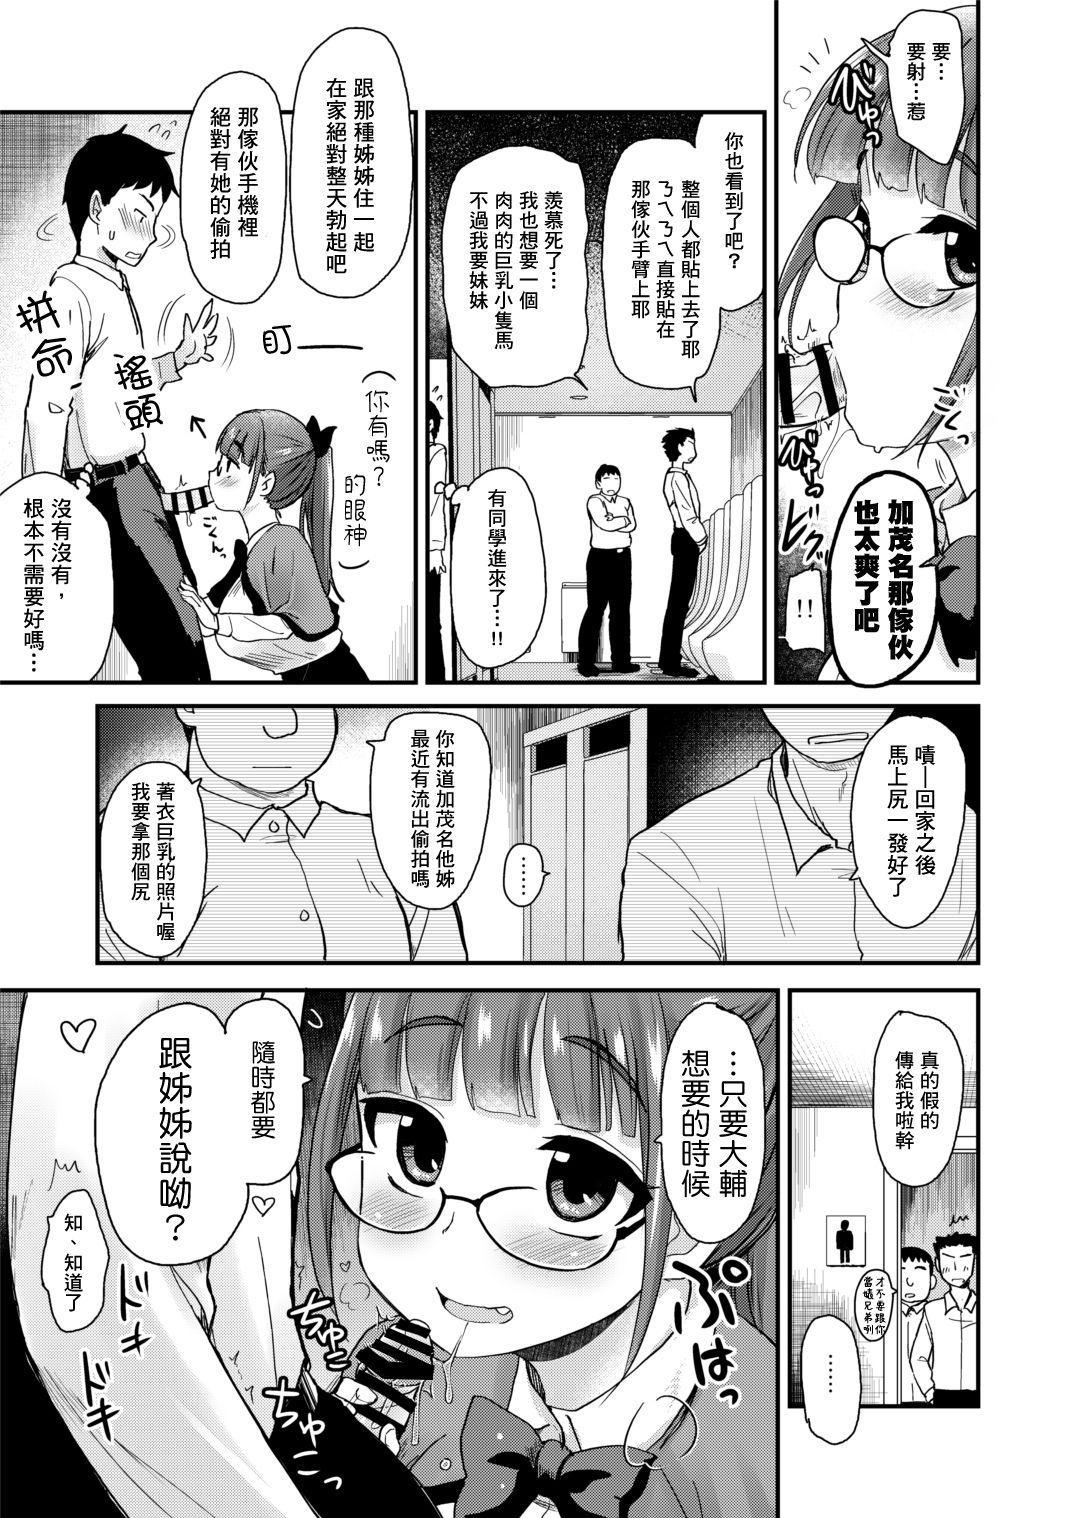 Otouto no Seiyoku Shori wa, Ane ga Suru Mono da to Onee-chan wa Omotte iru. | 弟弟的性慾處理是姊姊的義務,我的繼姊覺得這樣理所當然。 8